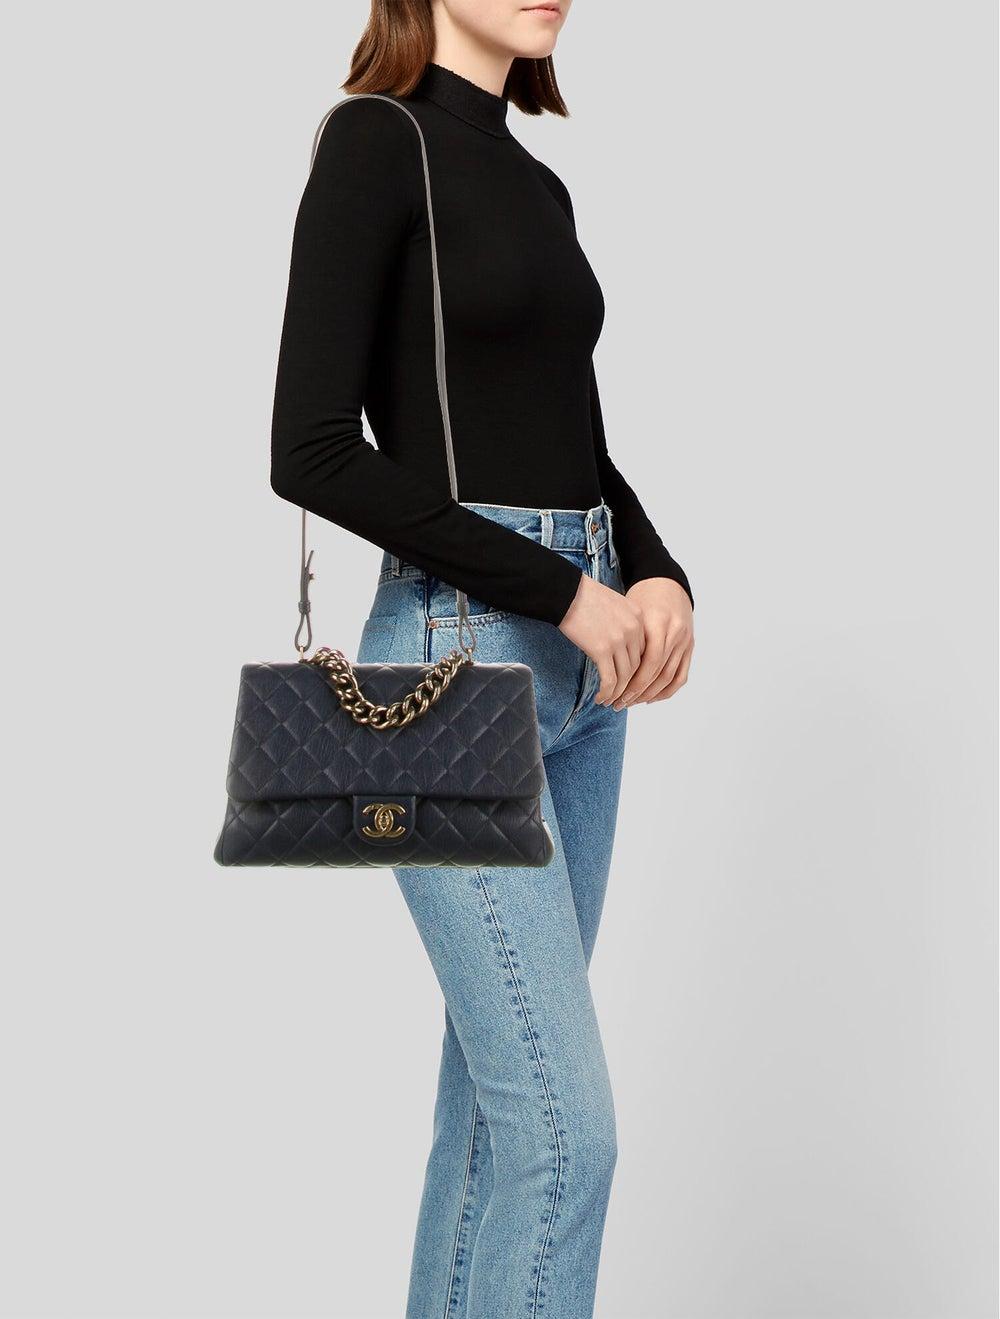 Chanel Paris-Rome Large Trapezio Flap Bag Blue - image 2